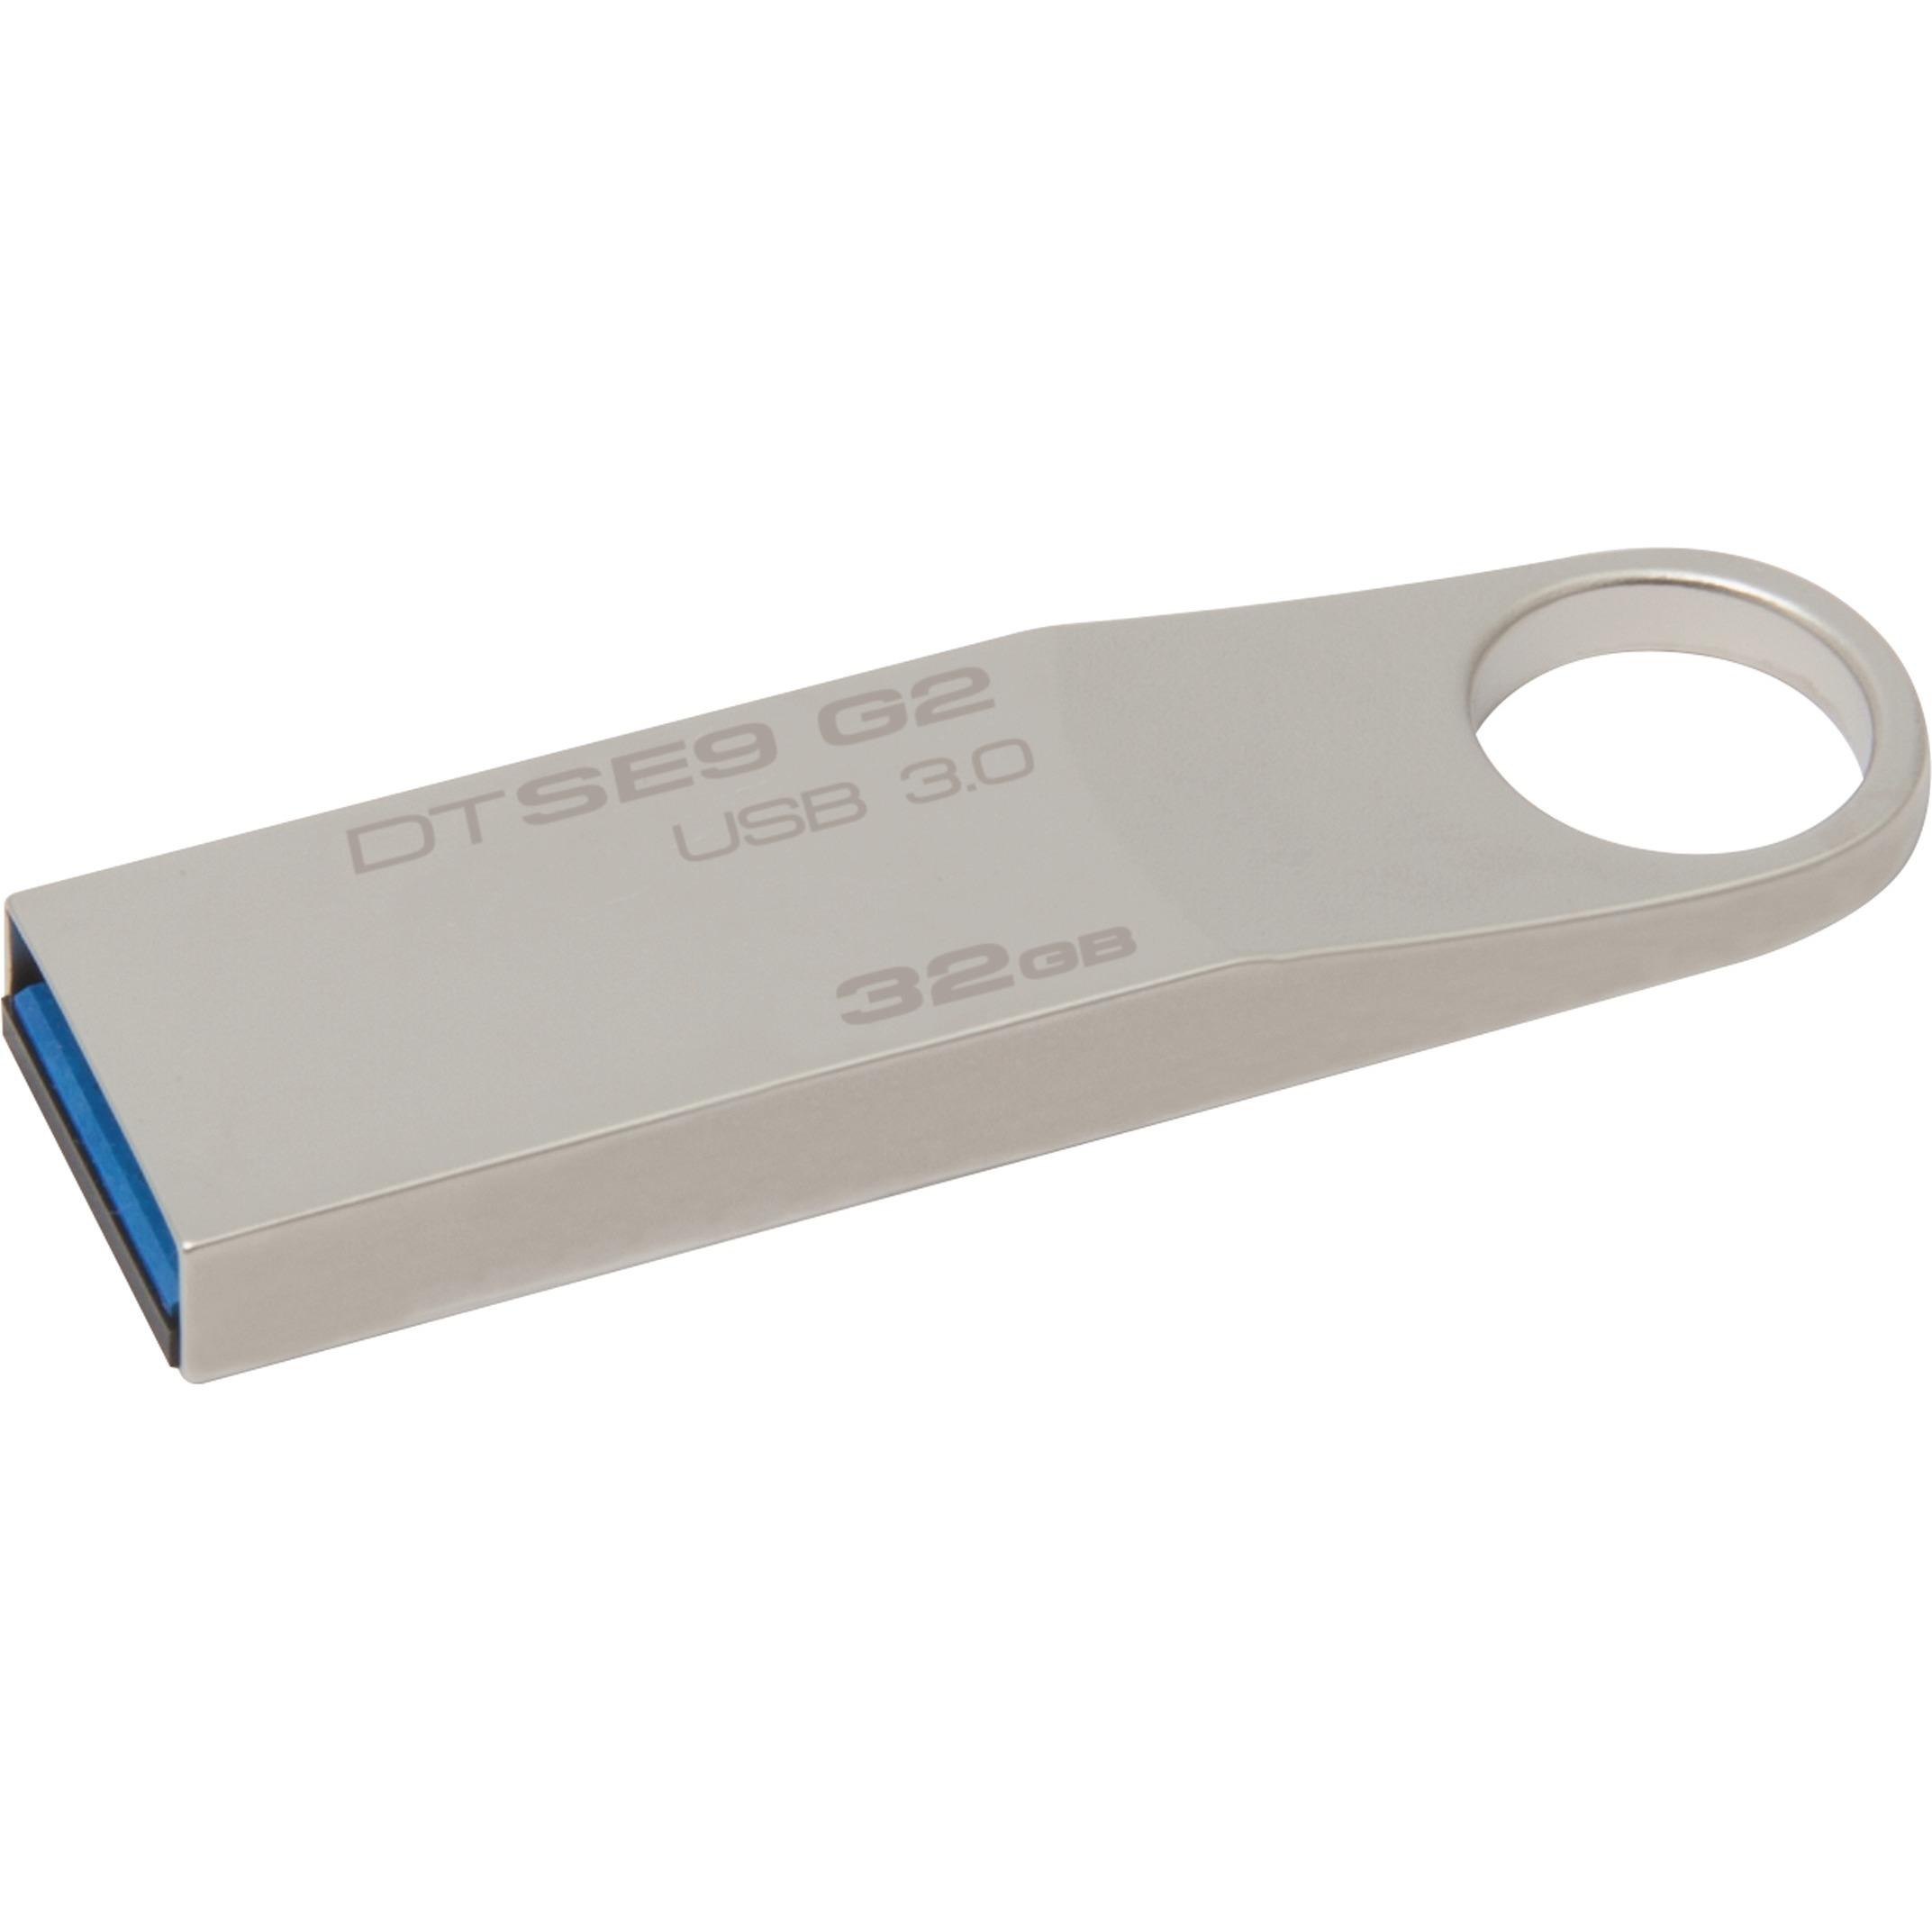 Kingston 32GB DataTraveler SE9 G2 32G DTSE9G2 USB 3.0 100MB/s Metal Flash Pen Thumb Drive DTSE9G2/32GB 0